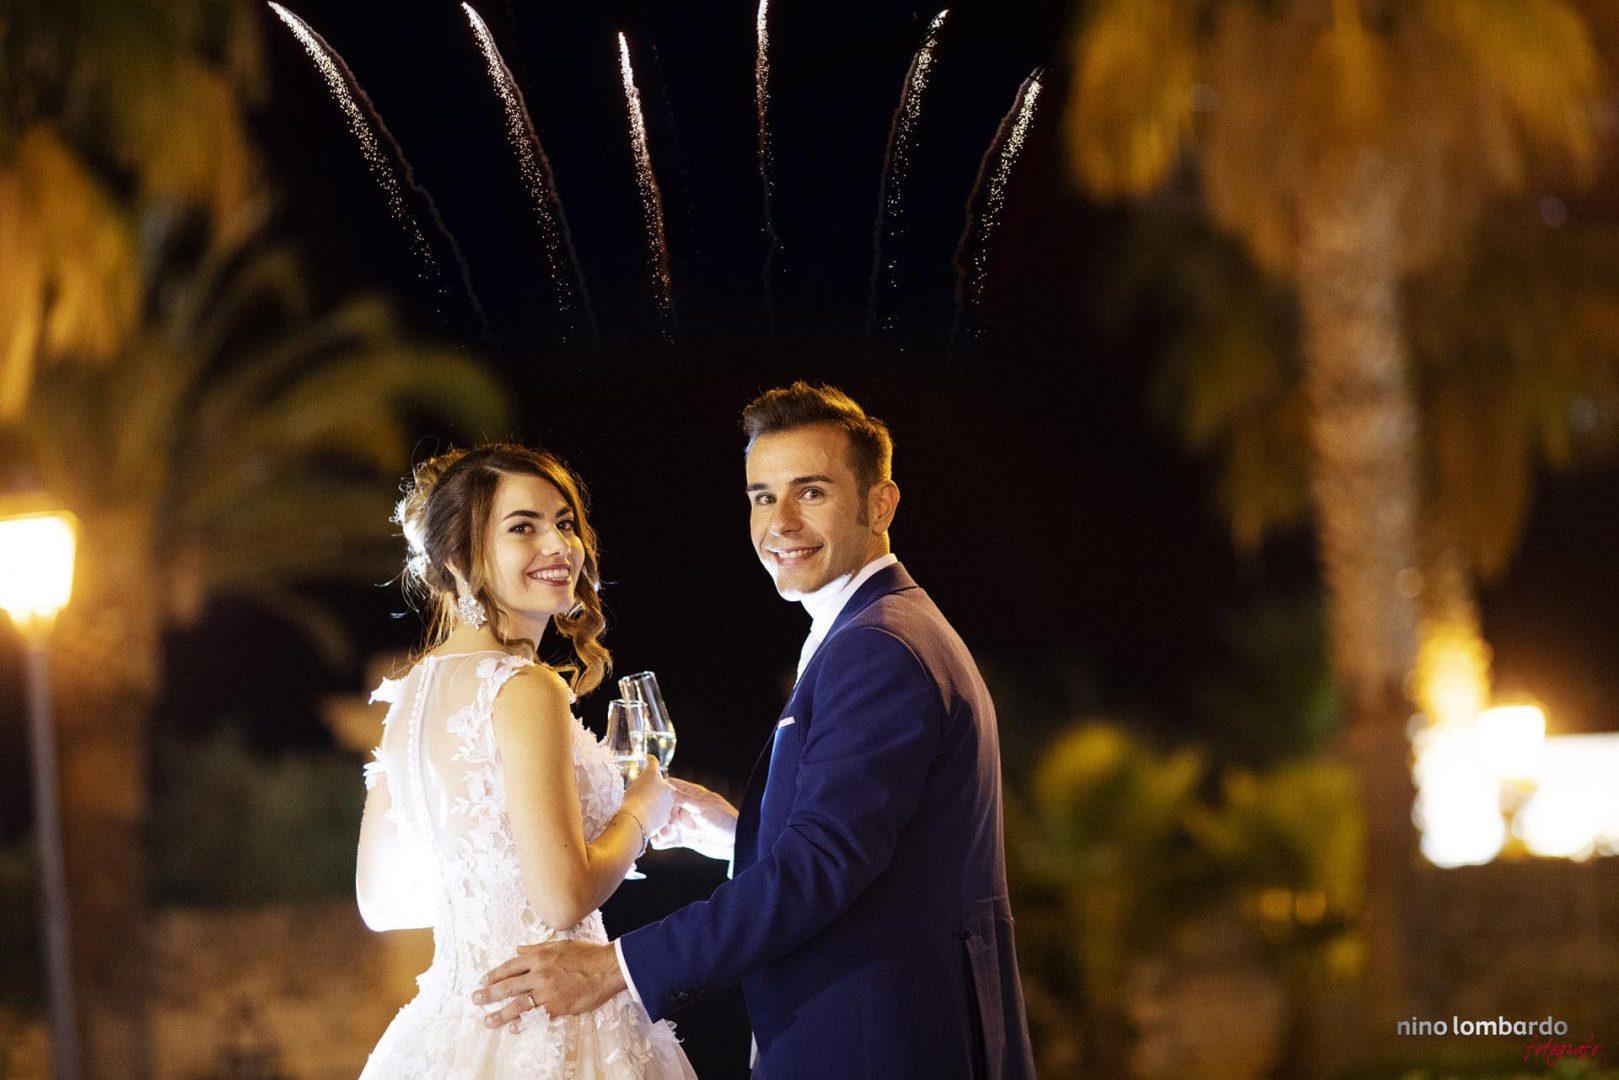 Servizio fotografico di Nino Lombardo fotografo per matrimonio a Modica ricevimento Villa Anna